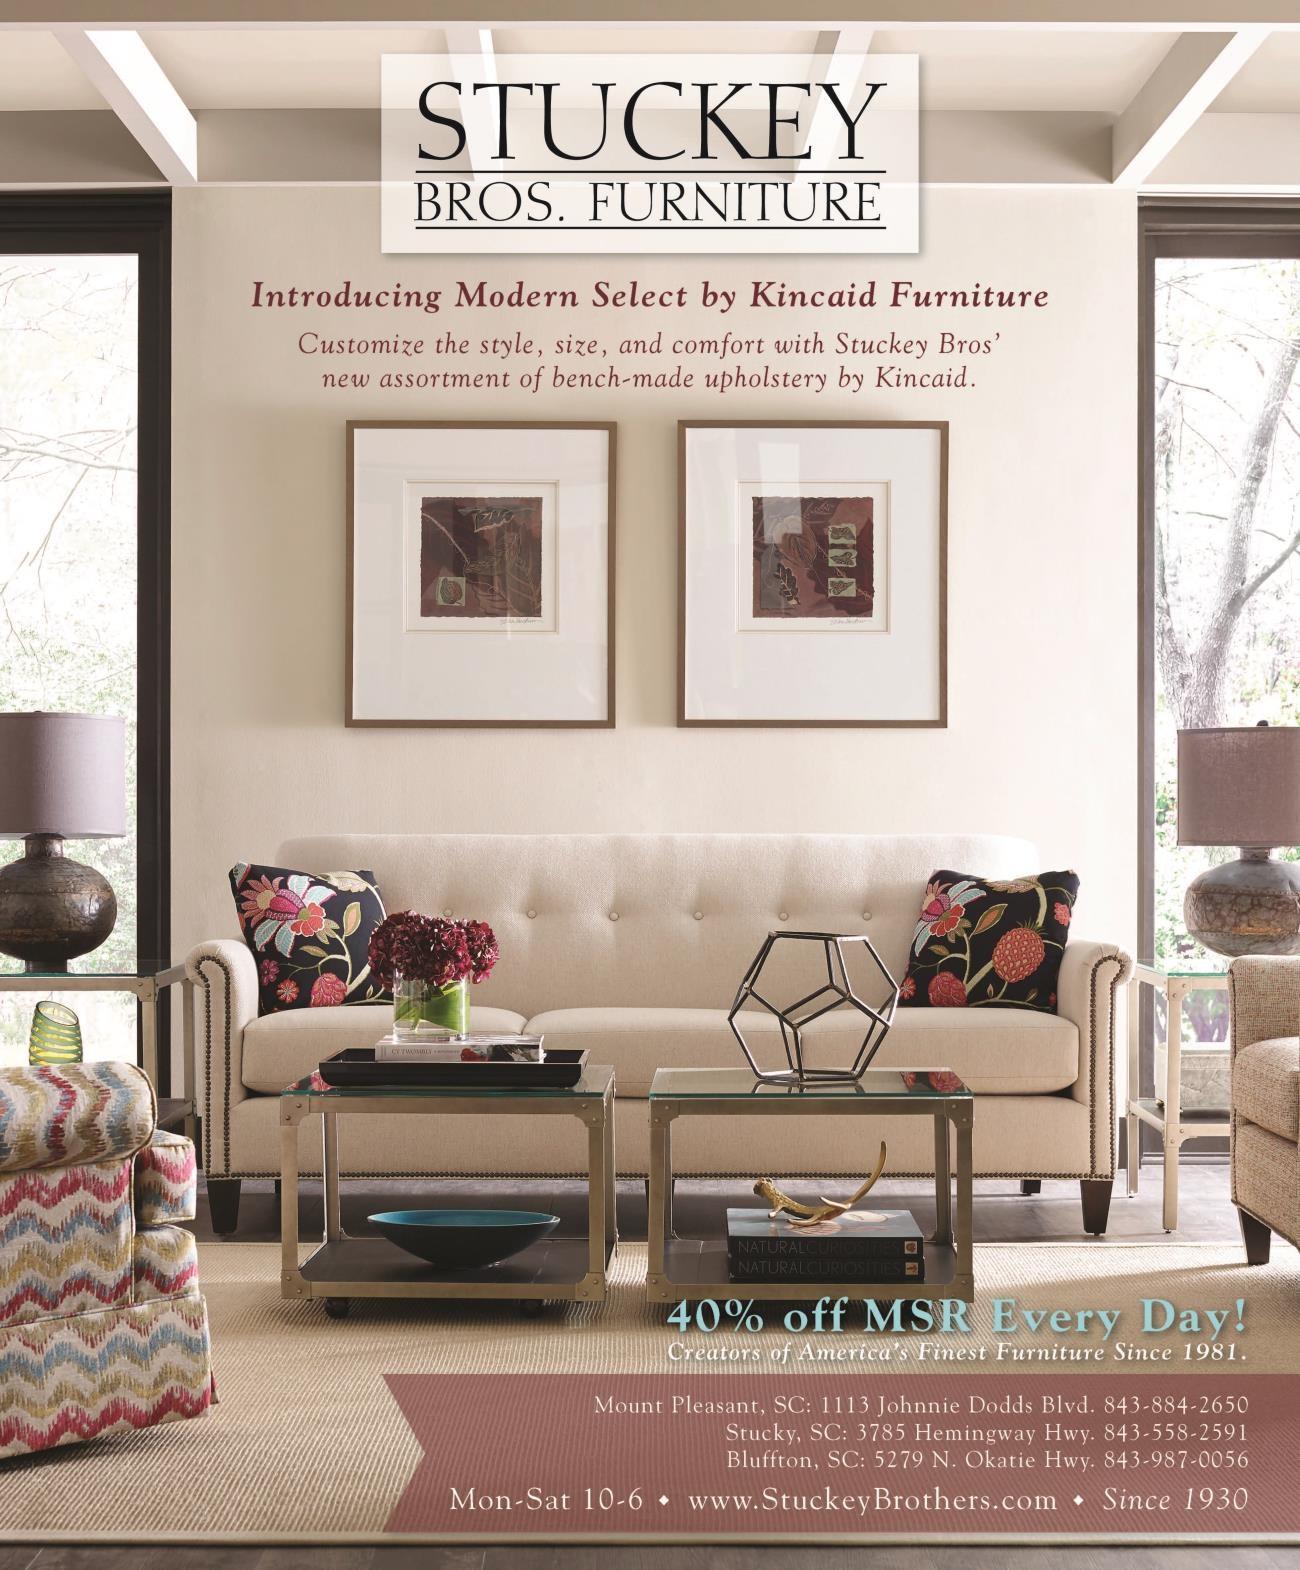 Furniture Deals & Discounts